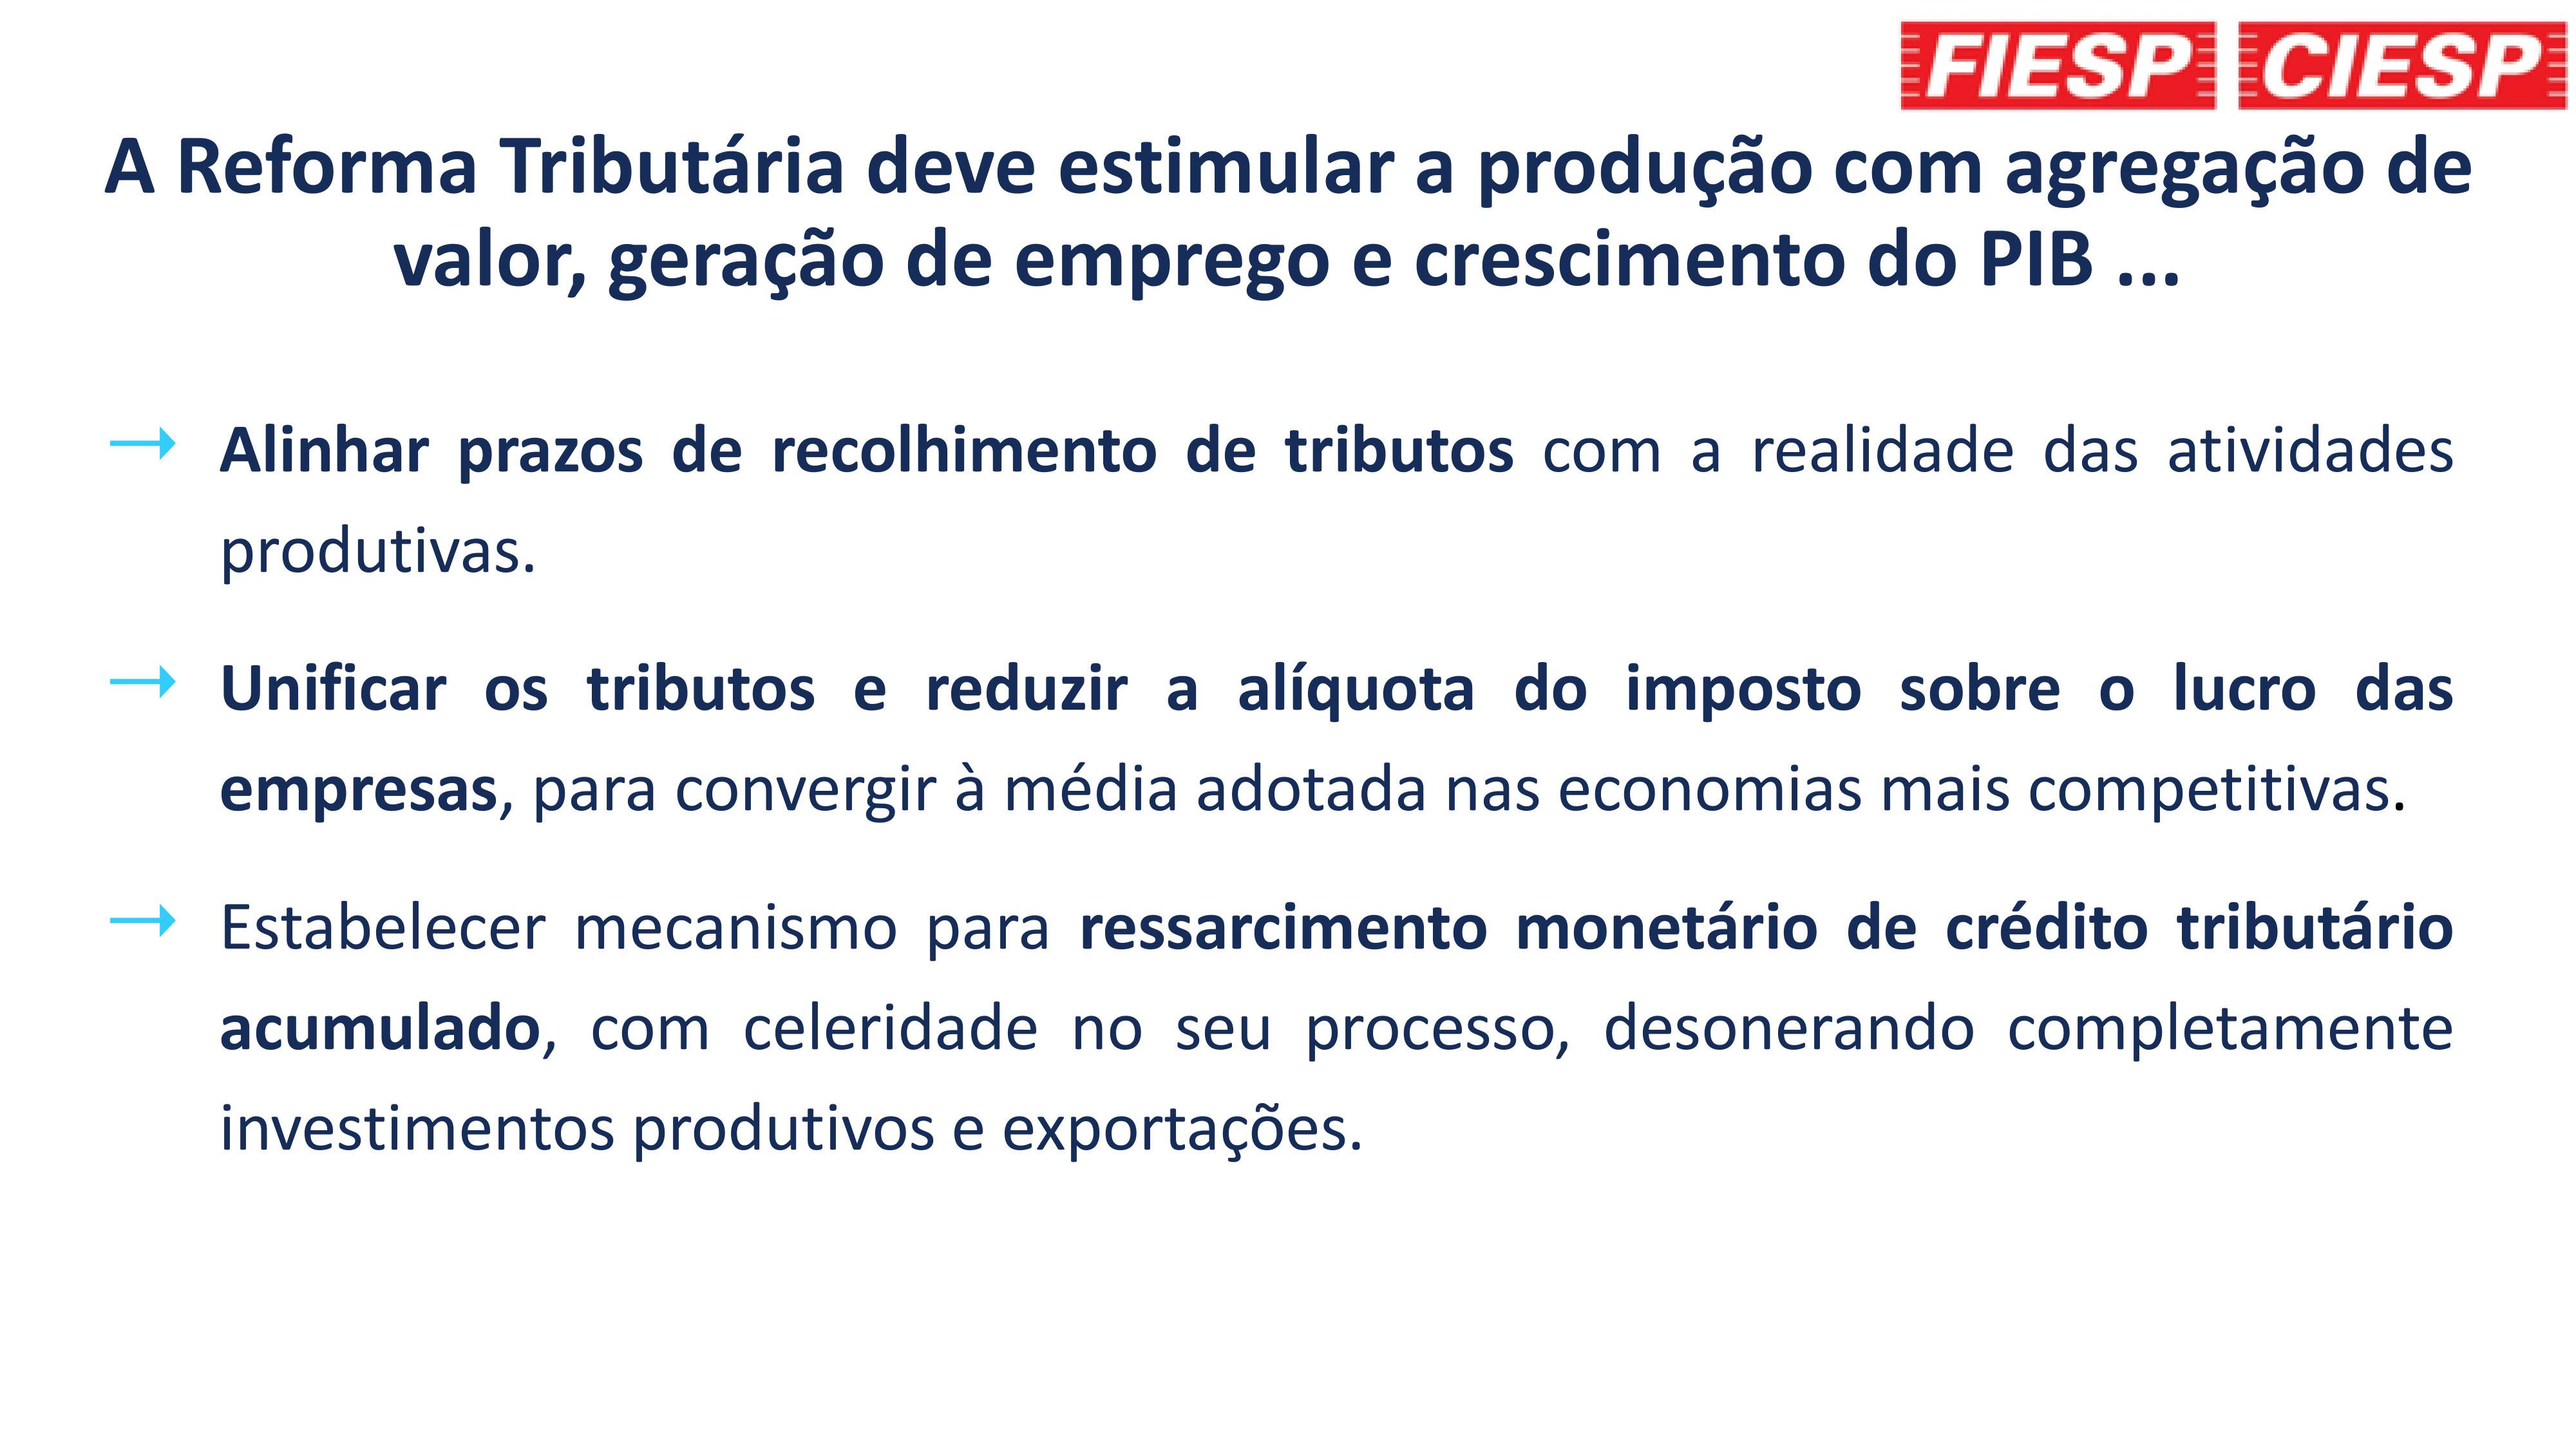 Proposta para redução do imposto sobre o lucro das empresas VE